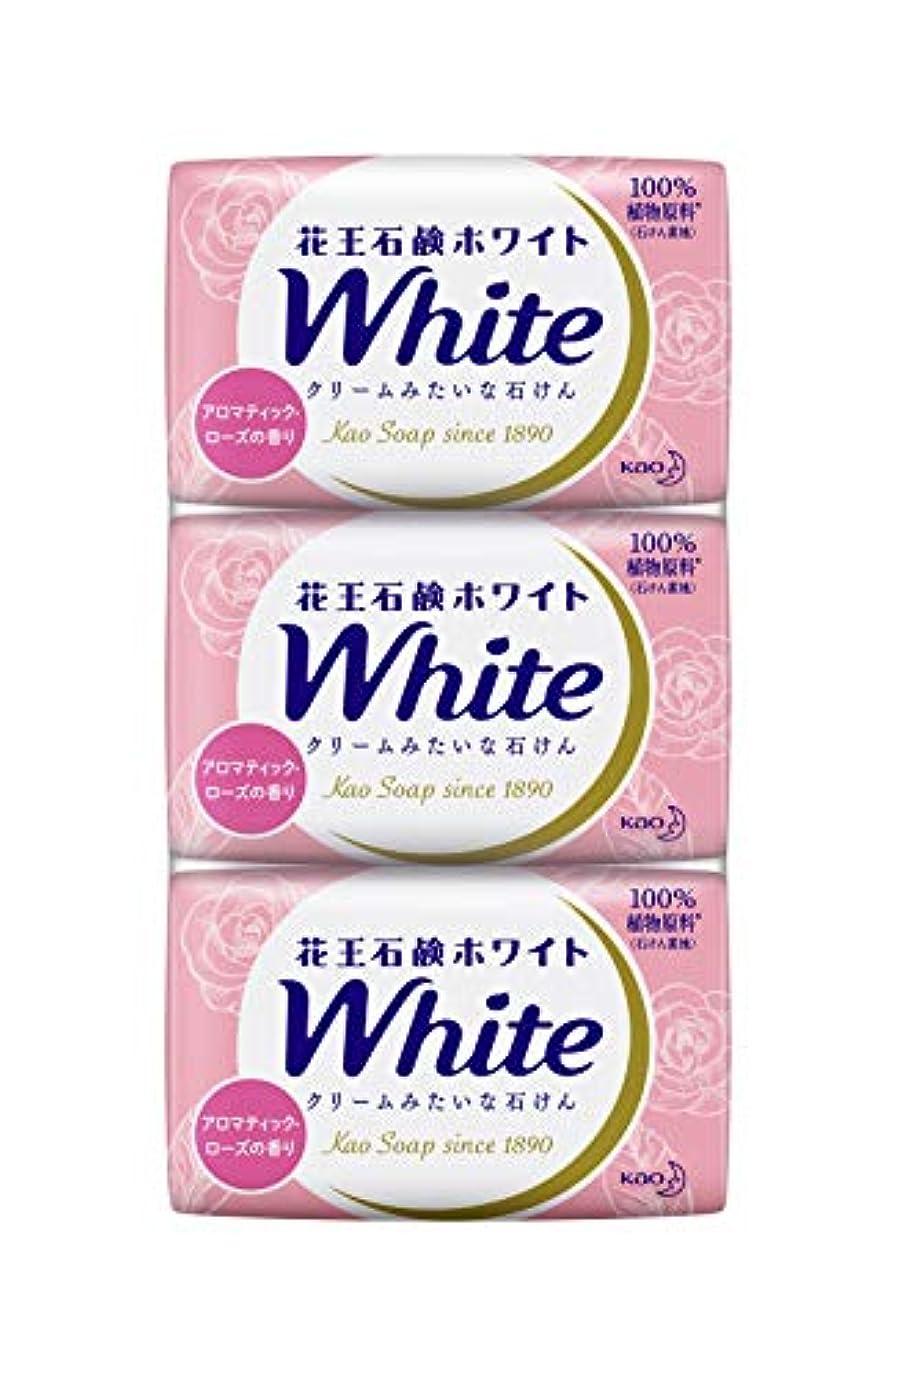 ラグ最近結晶花王ホワイト アロマティックローズの香り レギュラーサイズ3コ